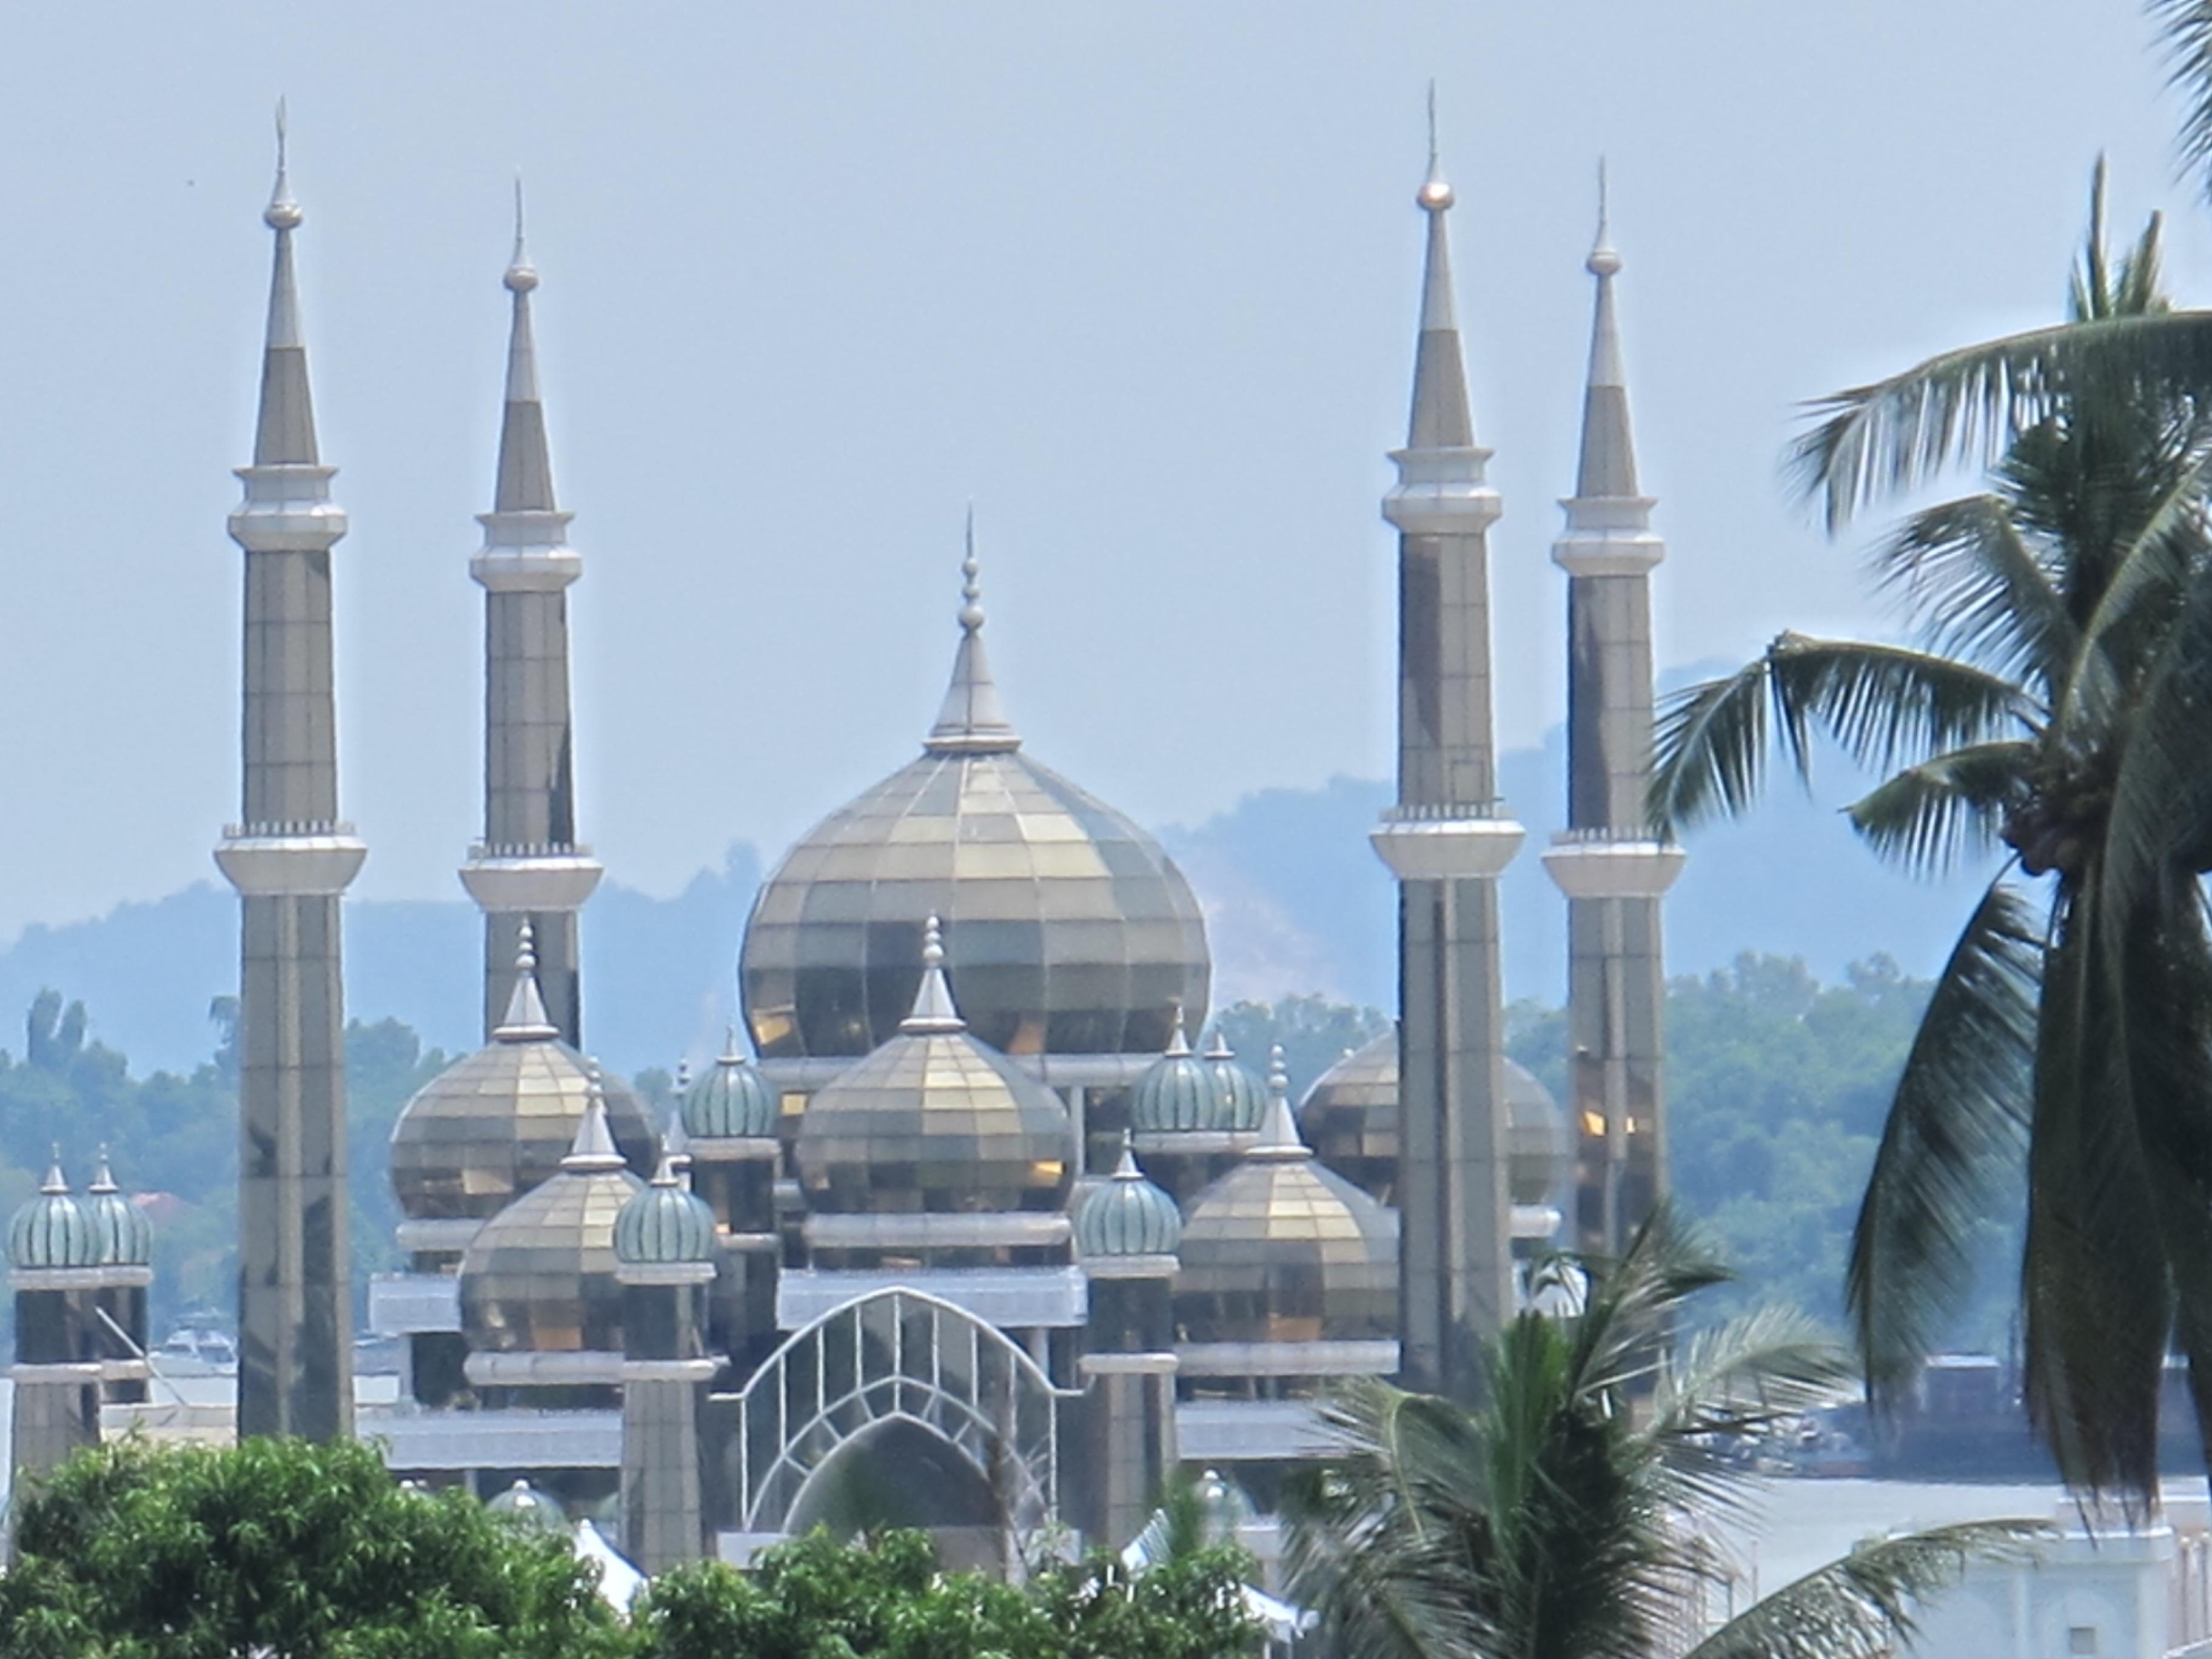 أشهر وأجمل المساجد فى ماليزيا | تعرف على اجمل المساجد فى ماليزيا